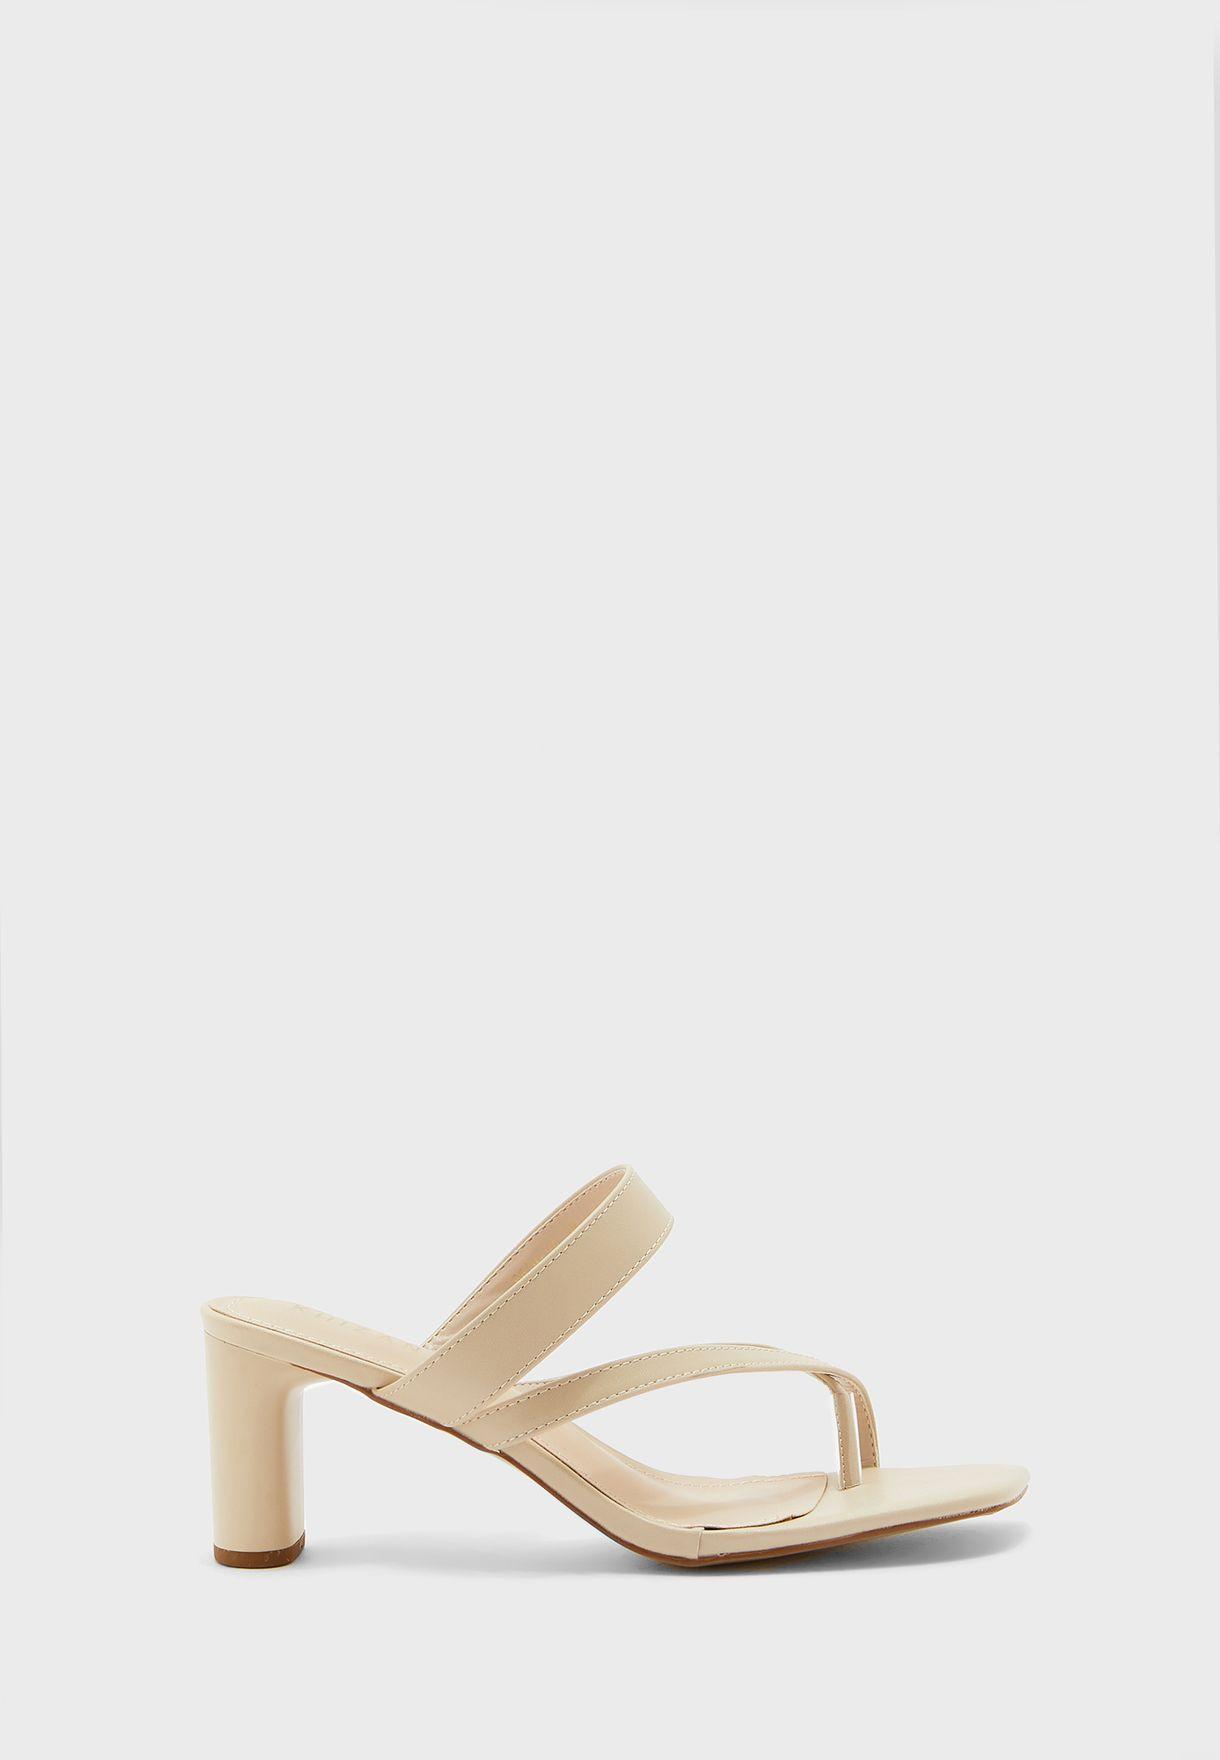 Cross Toe Strap Block Heel Mule Sandal